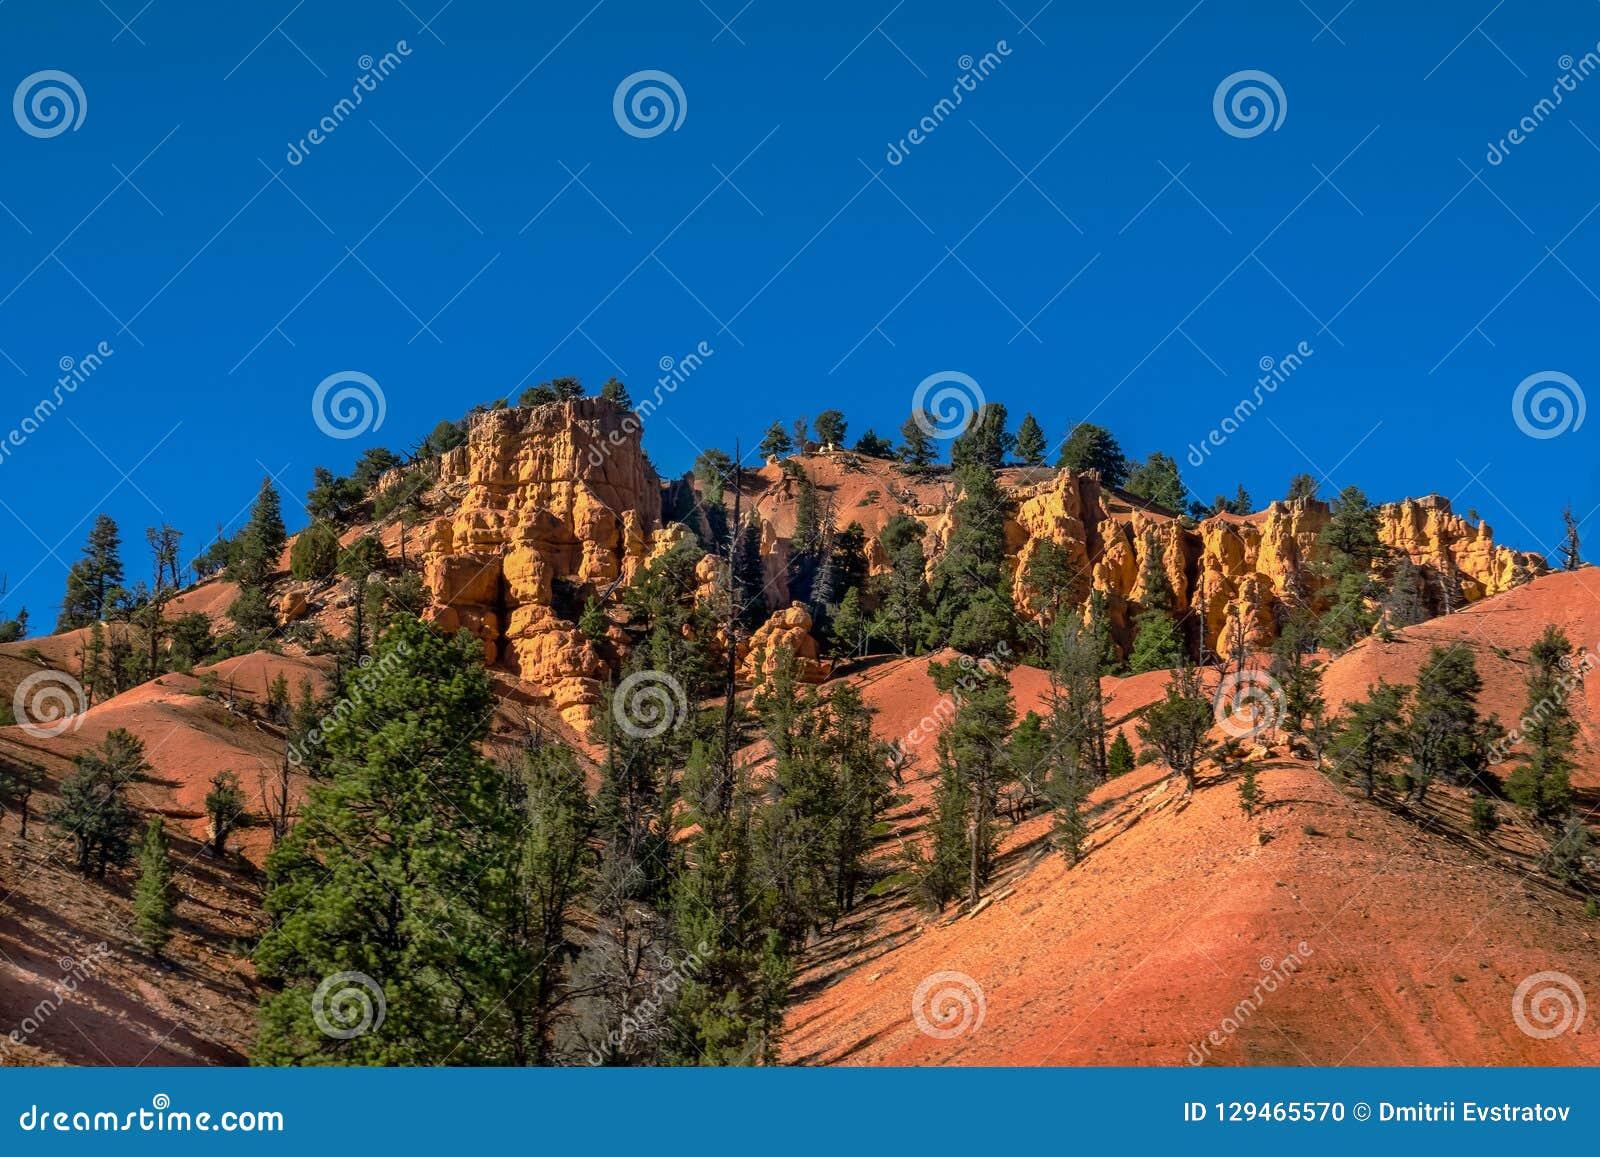 Красочные утесы и деревья в Юте, США